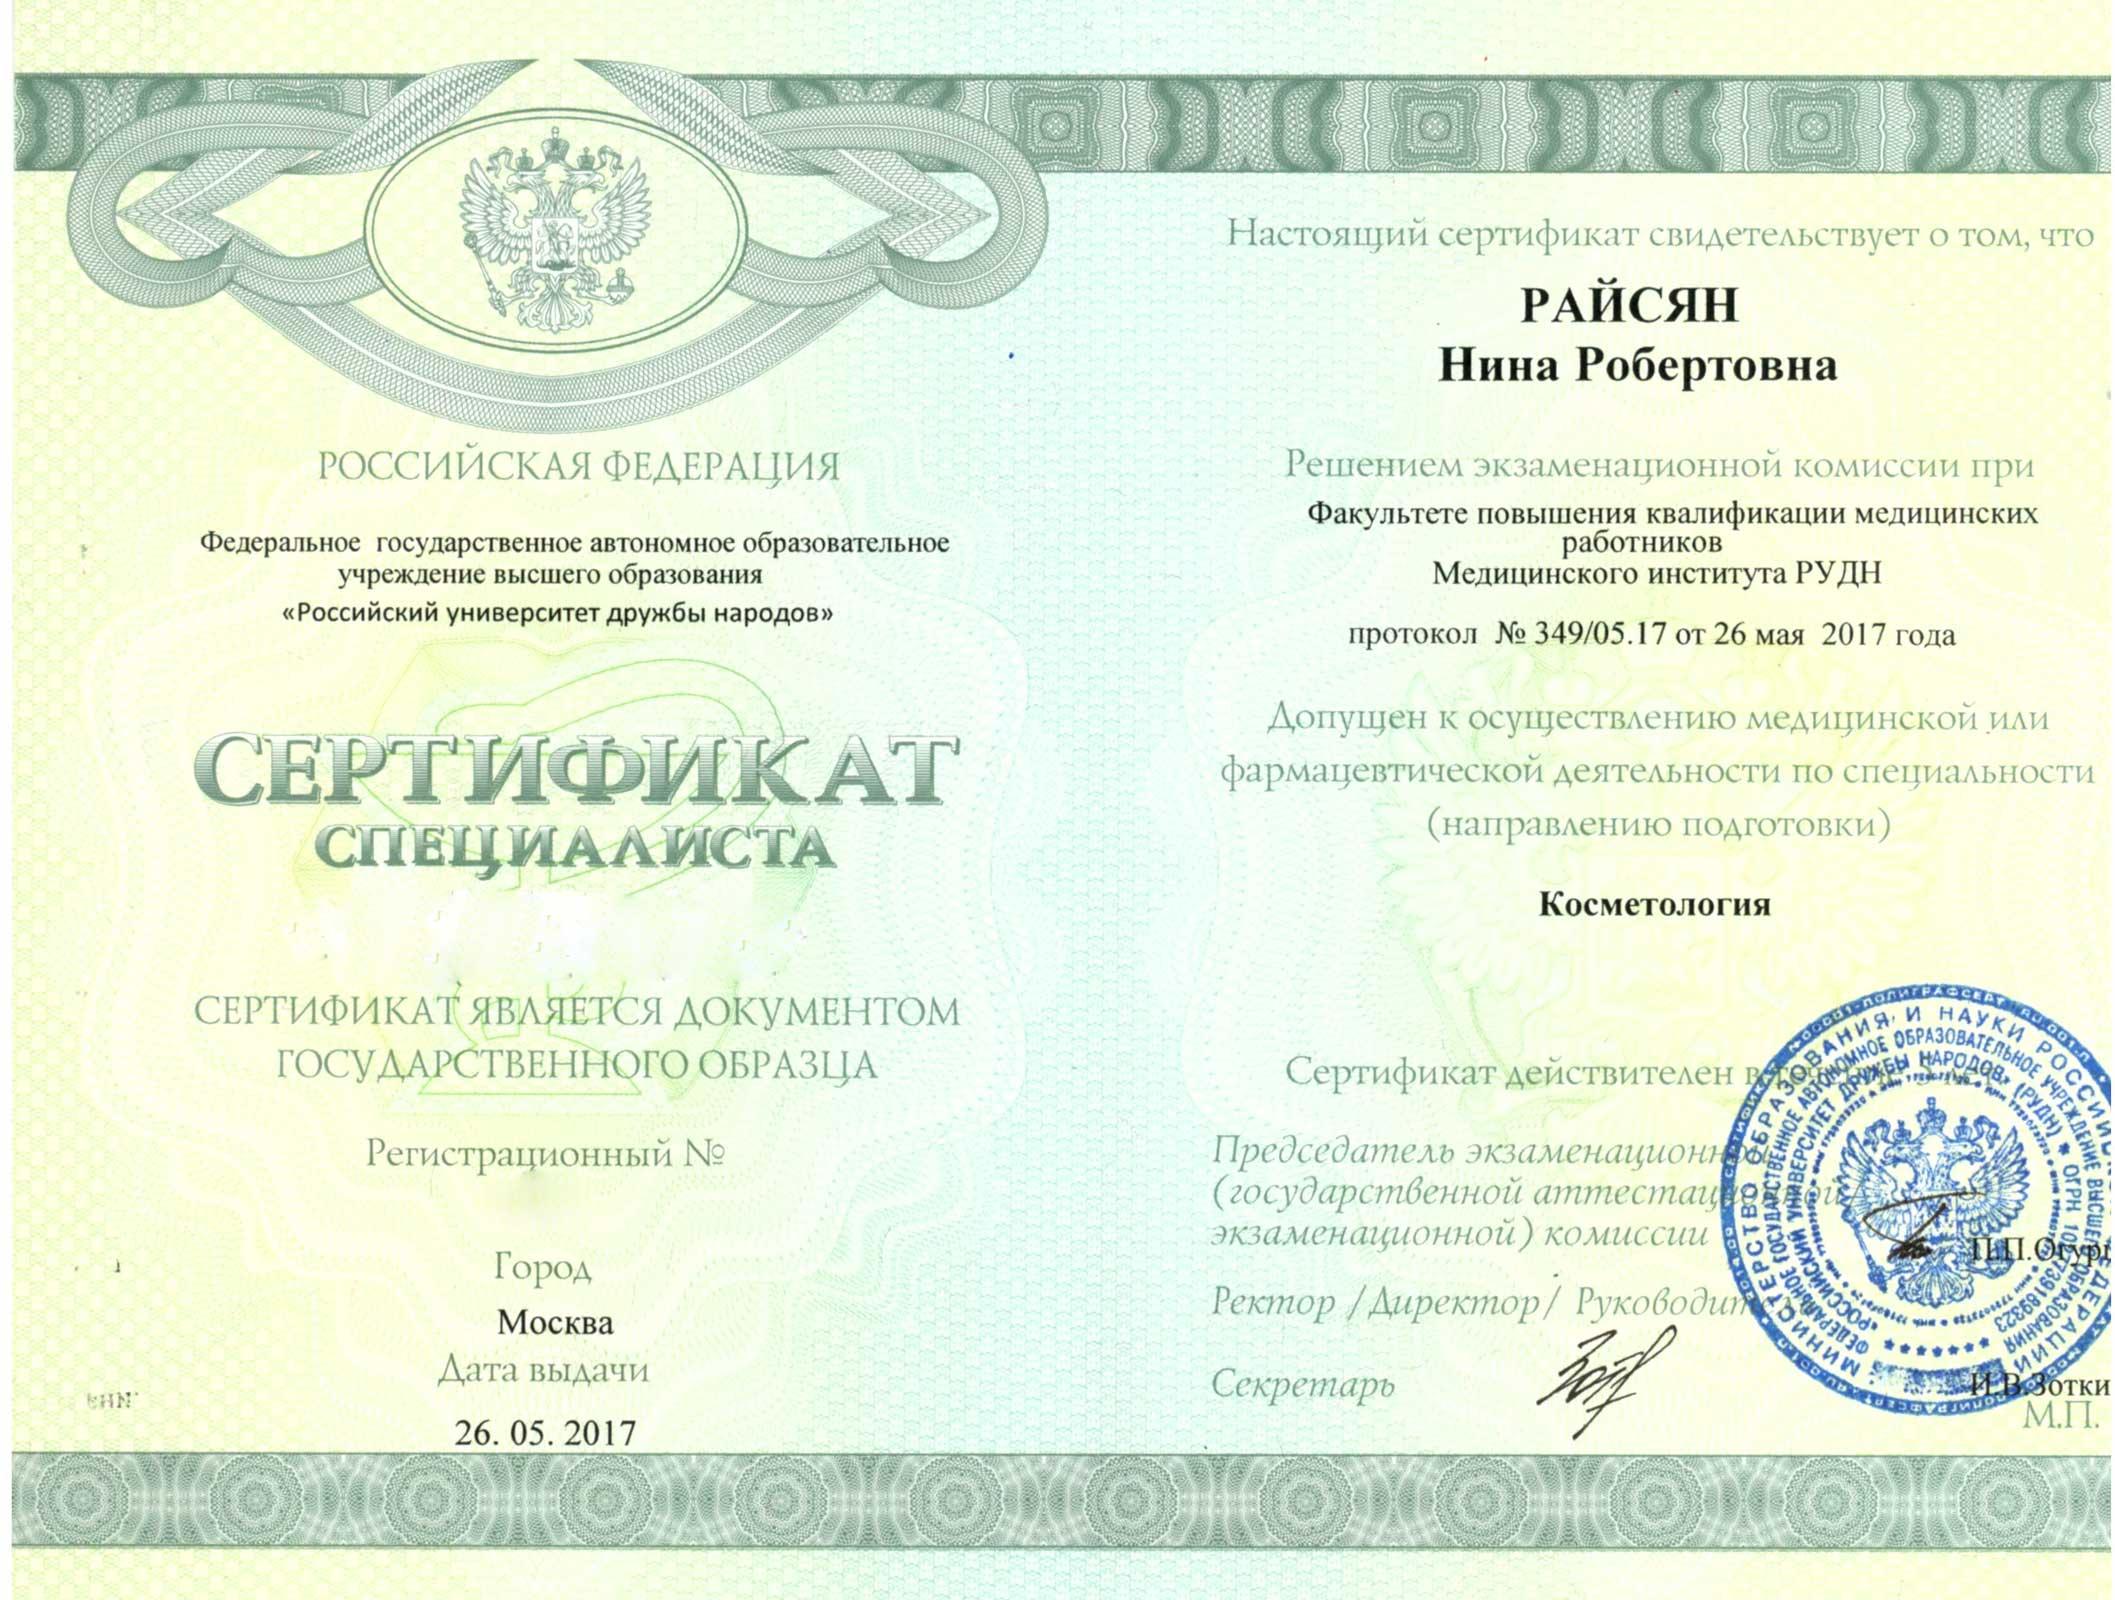 Сертификат специалиста косметолога Райсян Н.Р.